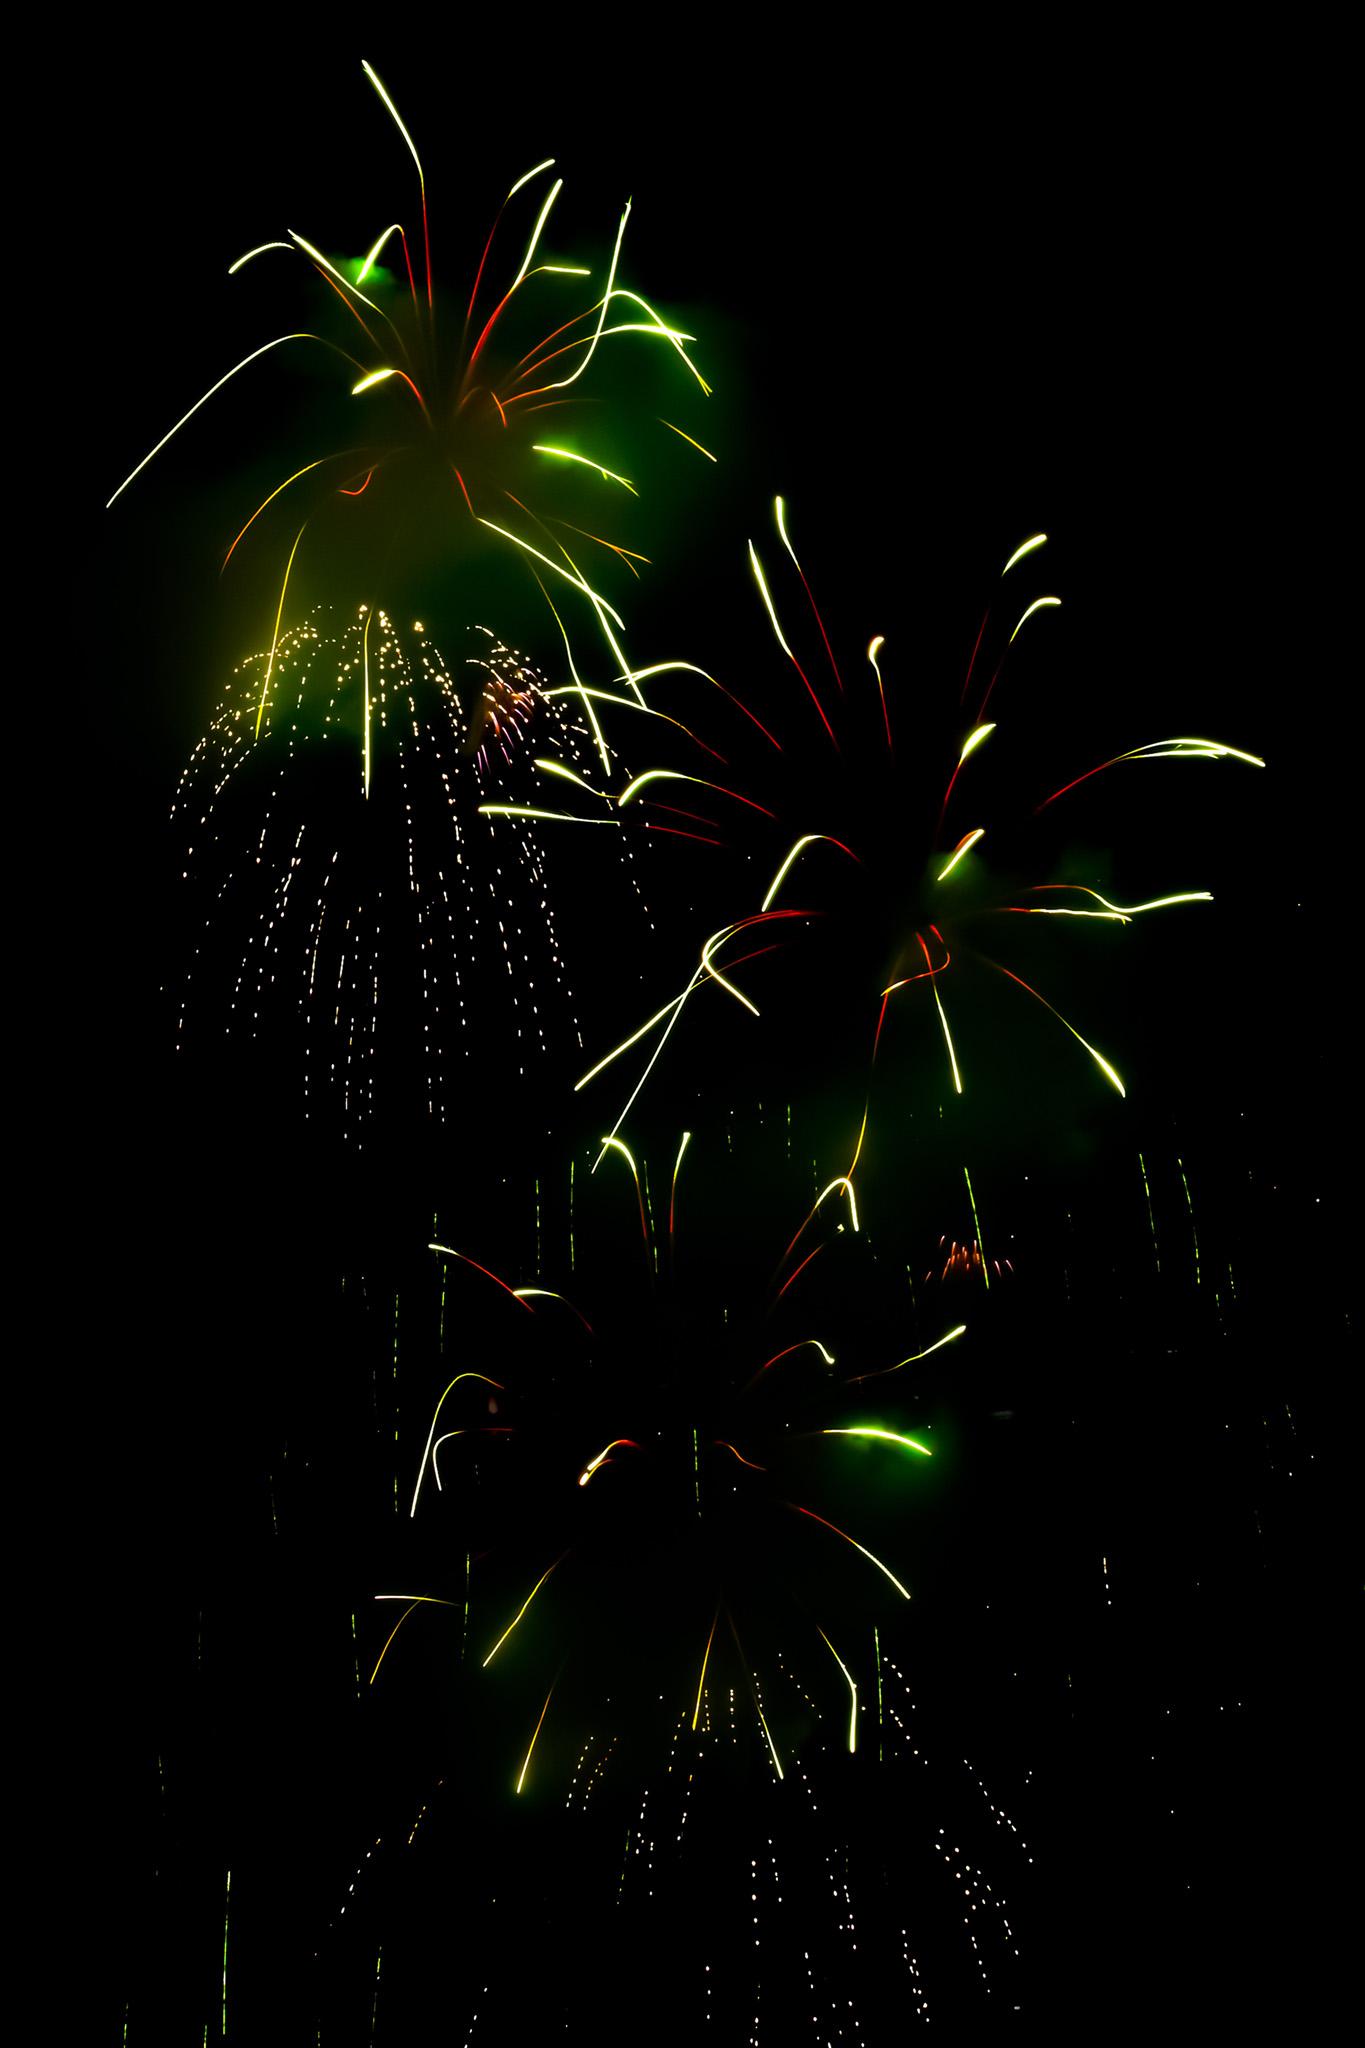 「煌びやかな花火の撮影画像」のテクスチャを無料ダウンロード